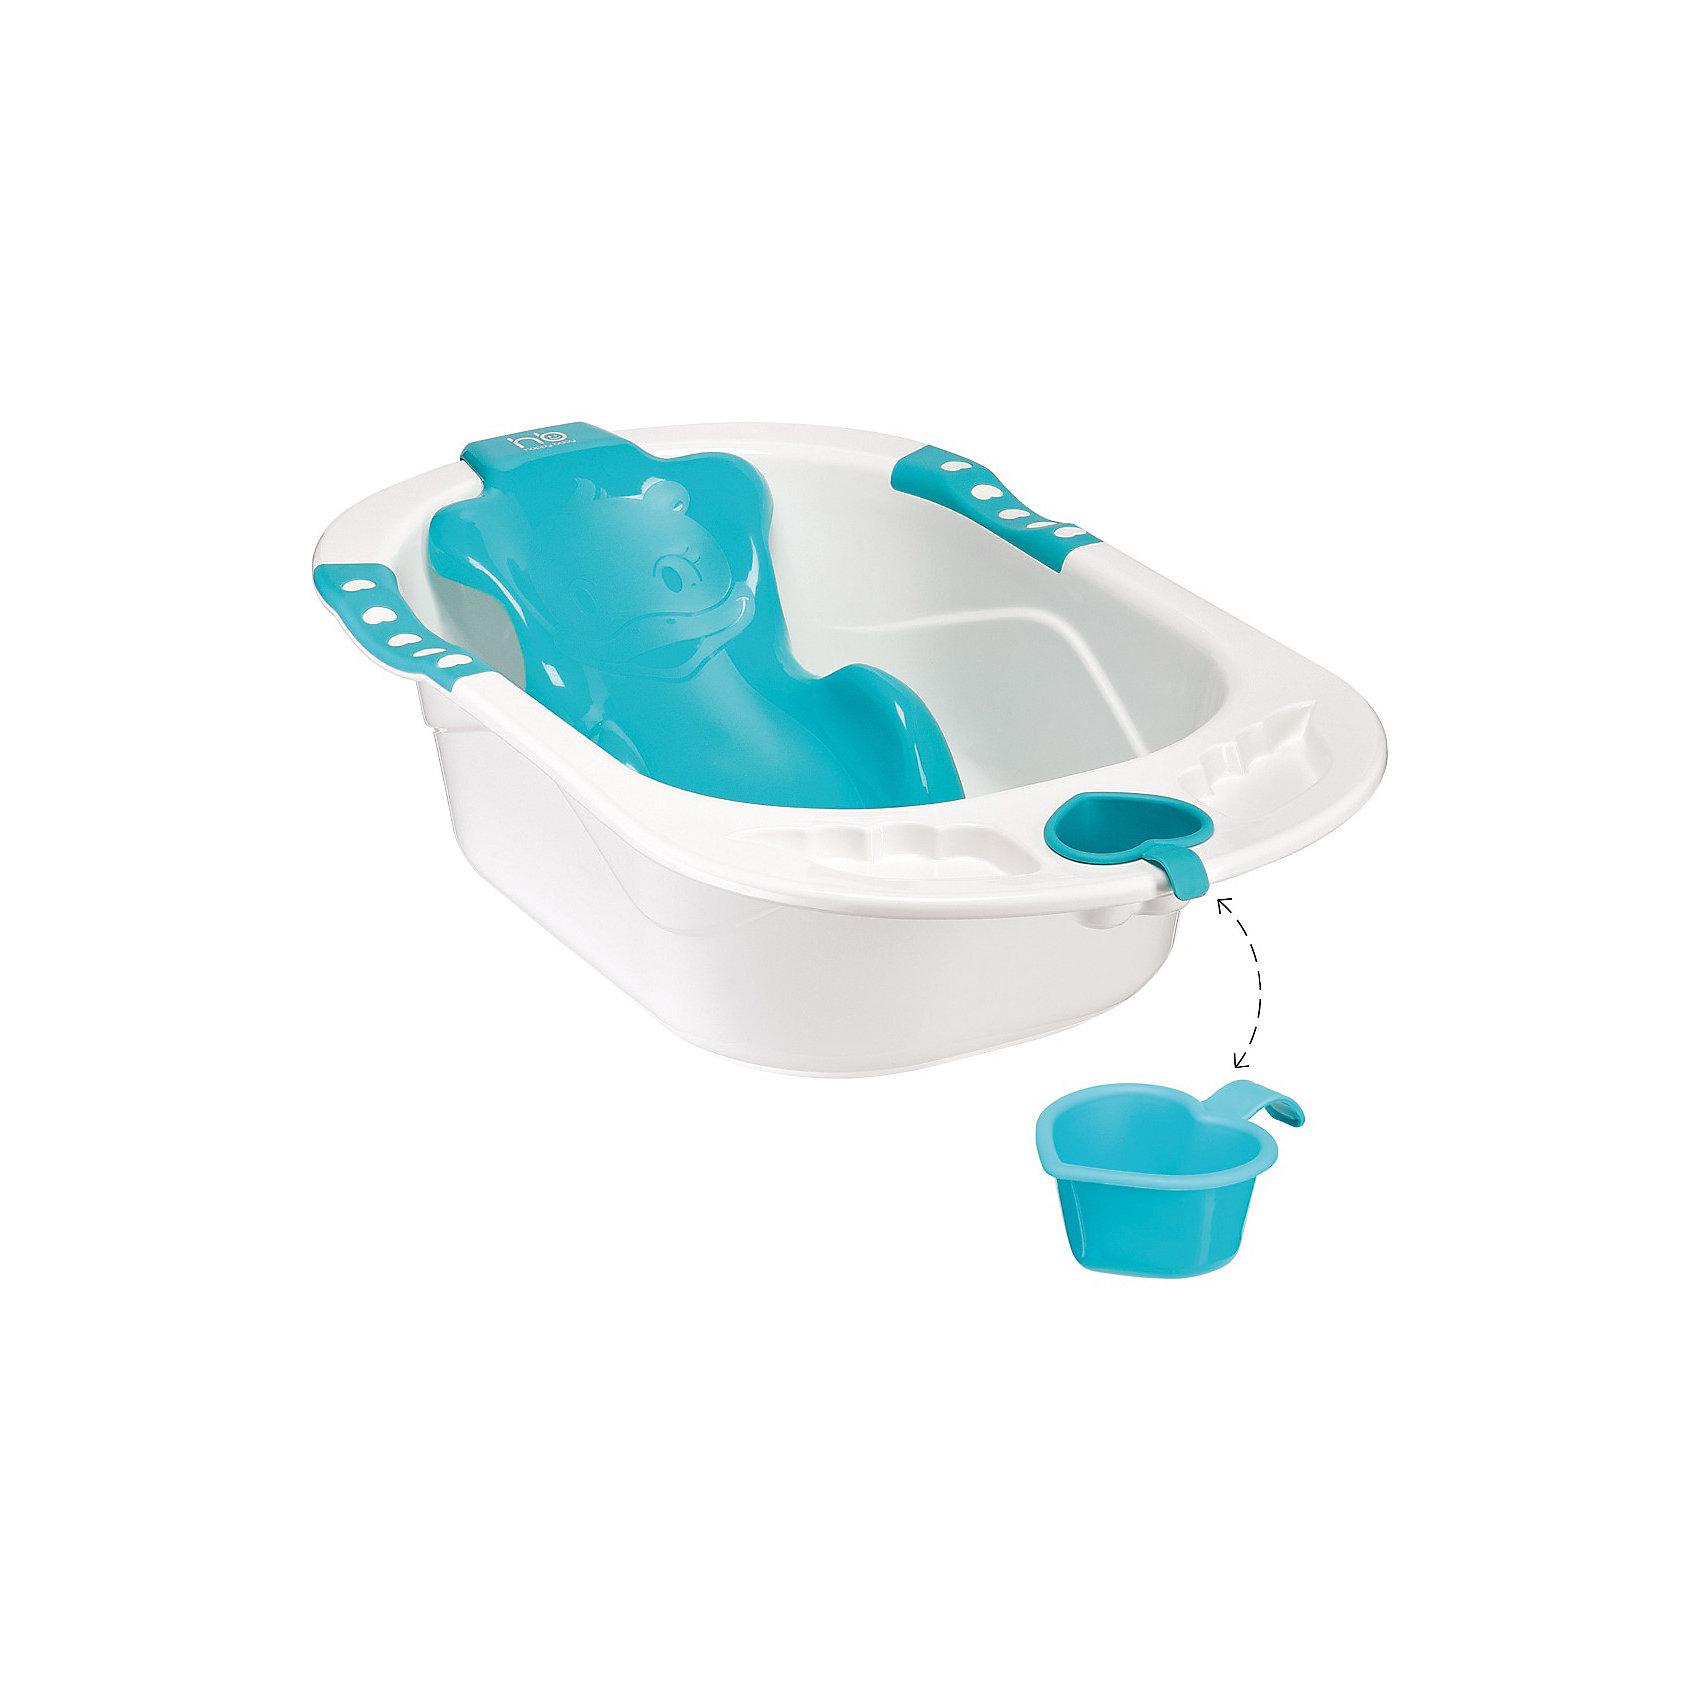 Ванна с анатомической горкой BATH COMFORT, Happy Baby, голубойВанны, горки, сиденья<br>Детская ванна с анатомической горкой BATH COMFORT, Happy Baby (Хэппи Бэби),  голубой - купание будет простым и приятным занятием.<br>Детская ванночка Baby Comfort – предназначена для купания детей с самого рождения. Эргономичная горка, которая повторяет анатомические формы тела.  Наличие горки делает эту ванночку комфортной для малыша, три опорные точки под мышками и в паху обеспечивают безопасность, а также позволяют маме искупать малыша без дополнительной помощи. Горка надежно фиксируется присосками к дну ванны. Ванна оборудована сливом с защитой. В углублениях по бокам ванночки можно разместить аксессуары для купания. Имеется удобный съемный ковшик в виде сердечка. Изготовлена ванна из прочного экологически чистого материала.<br><br>Дополнительная информация:<br><br>- Материал: полипропилен, ПВХ (присоски)<br>- Размеры ванны:  88х52х35.5 см<br><br>Детскую ванну с анатомической горкой BATH COMFORT, Happy Baby (Хэппи Бэби), голубую можно купить в нашем интернет-магазине.<br><br>Ширина мм: 880<br>Глубина мм: 520<br>Высота мм: 355<br>Вес г: 3000<br>Возраст от месяцев: 0<br>Возраст до месяцев: 18<br>Пол: Унисекс<br>Возраст: Детский<br>SKU: 3564213